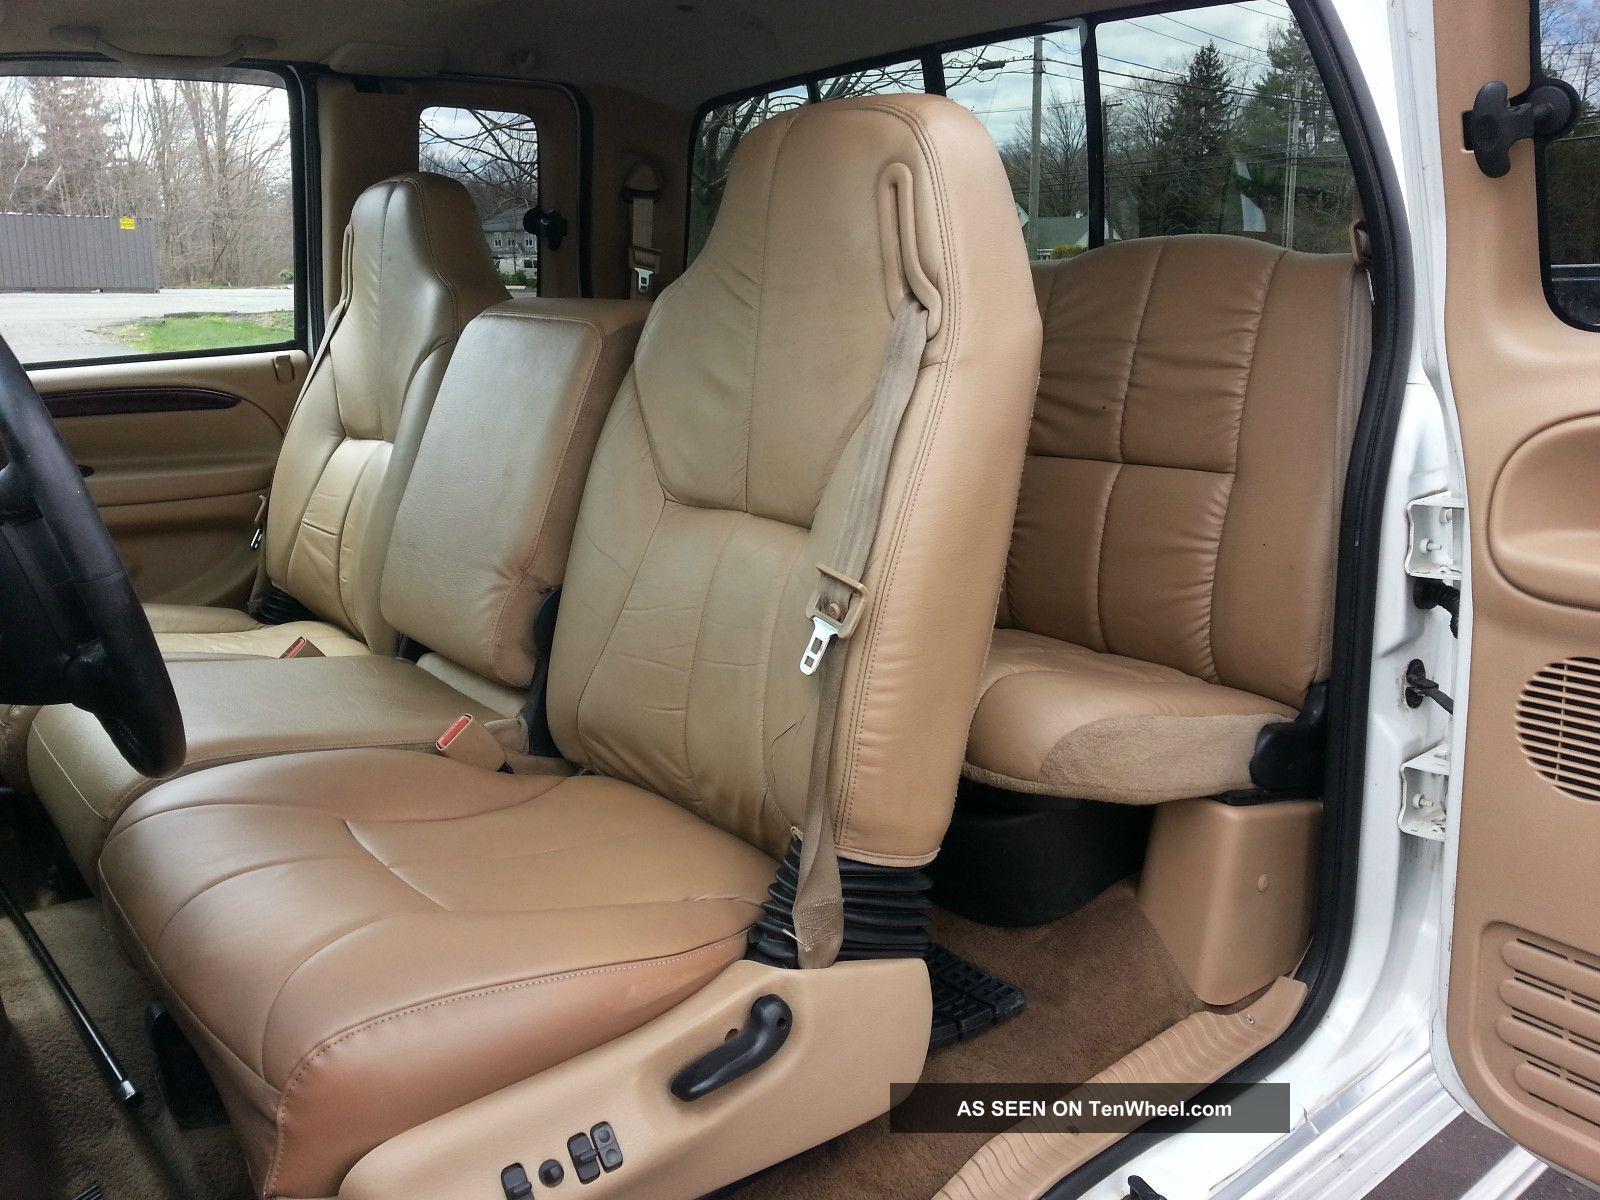 1999 Dodge Ram 2500 Quad Cab Slt Laramie Cummins Diesel